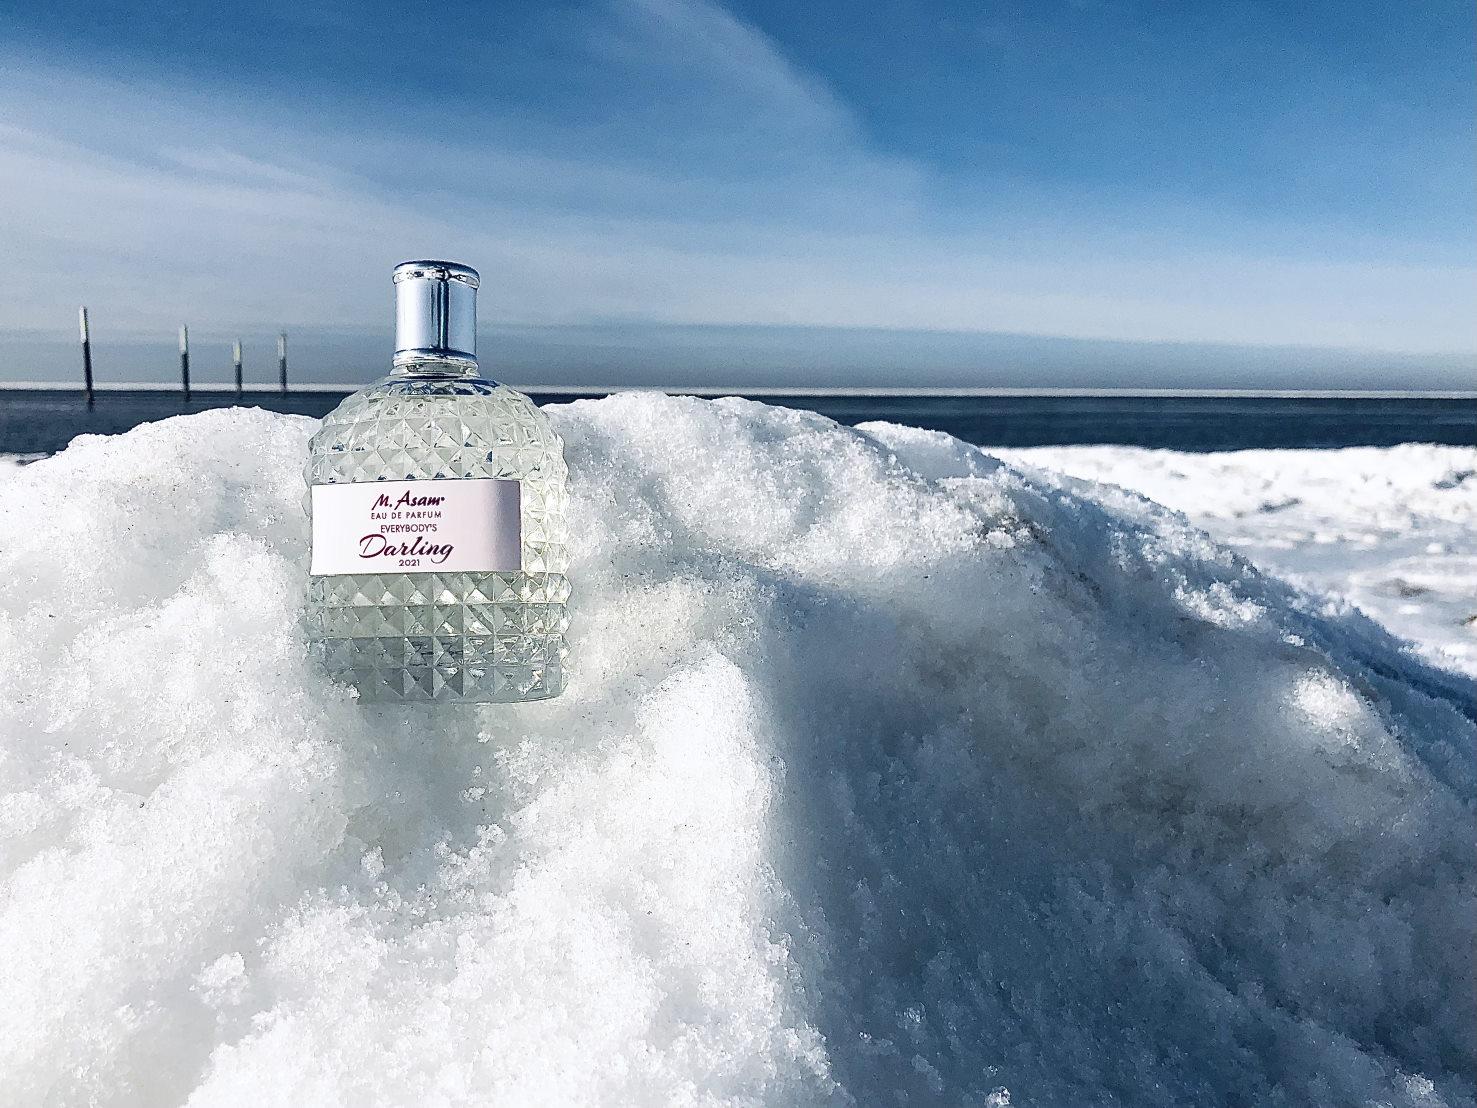 m.asam jahresduft 2021 everybody's darling parfum EdP